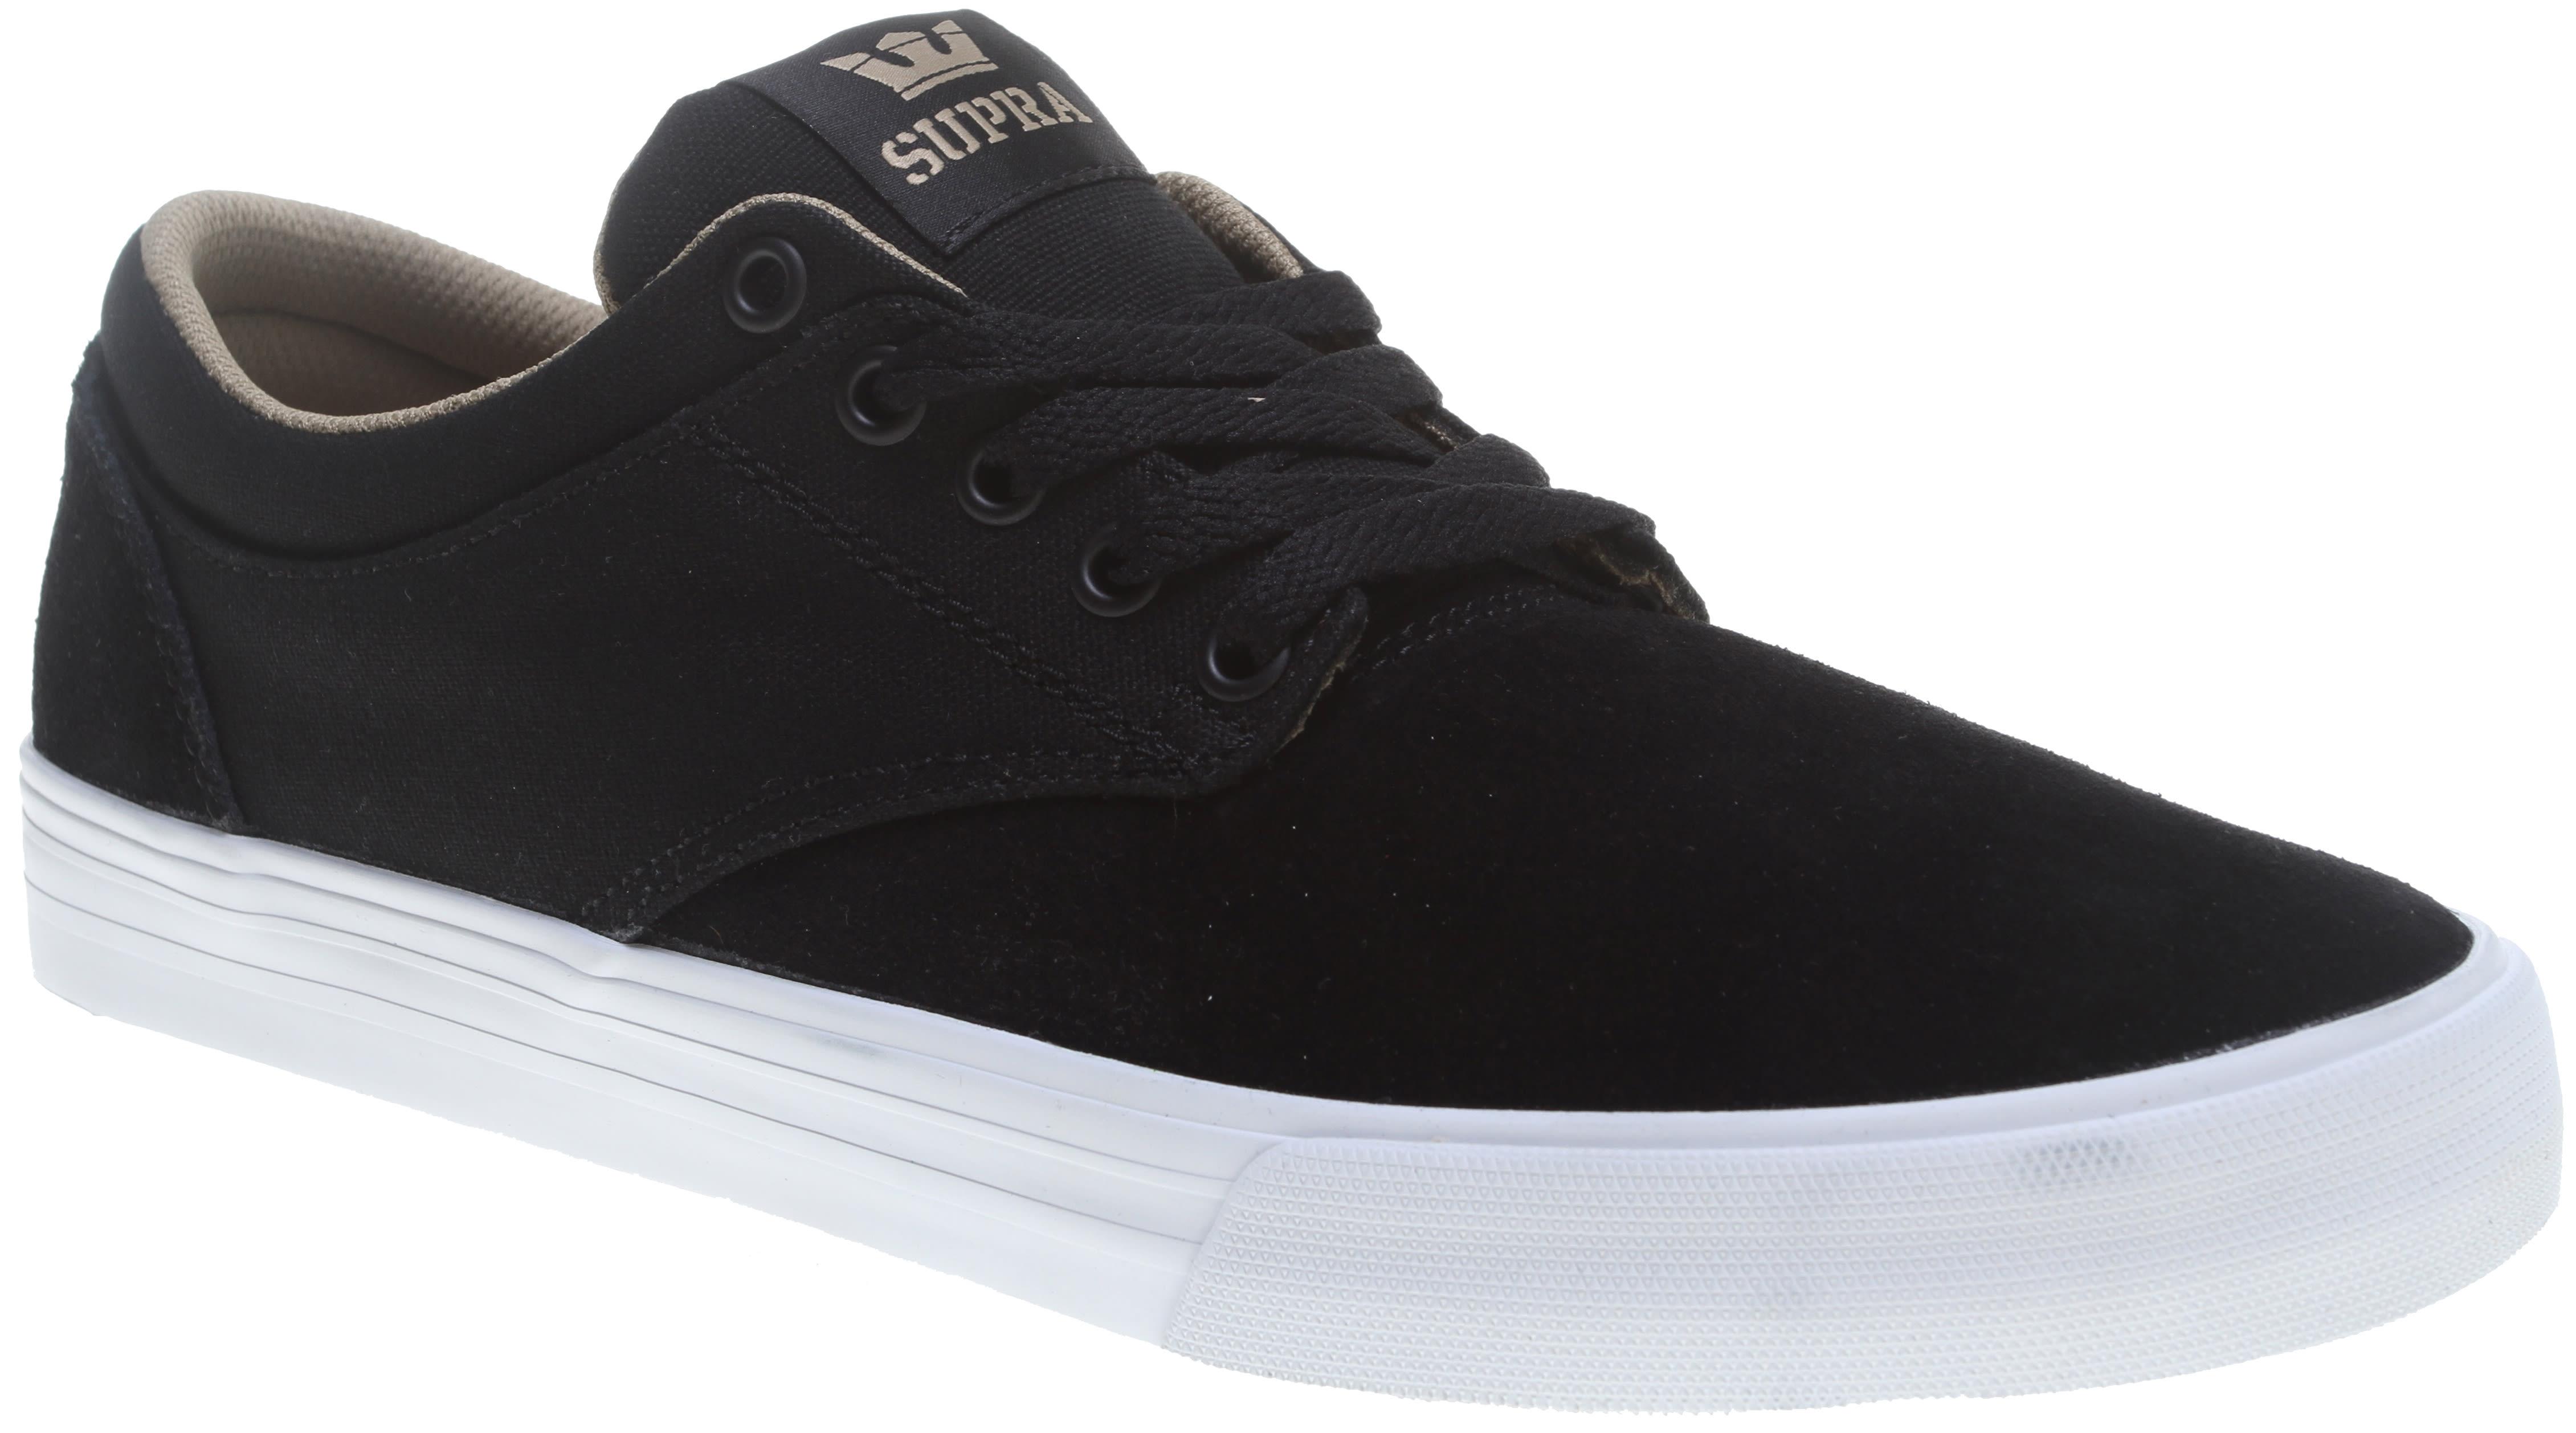 Etnies Chrome 02 Skate Shoes